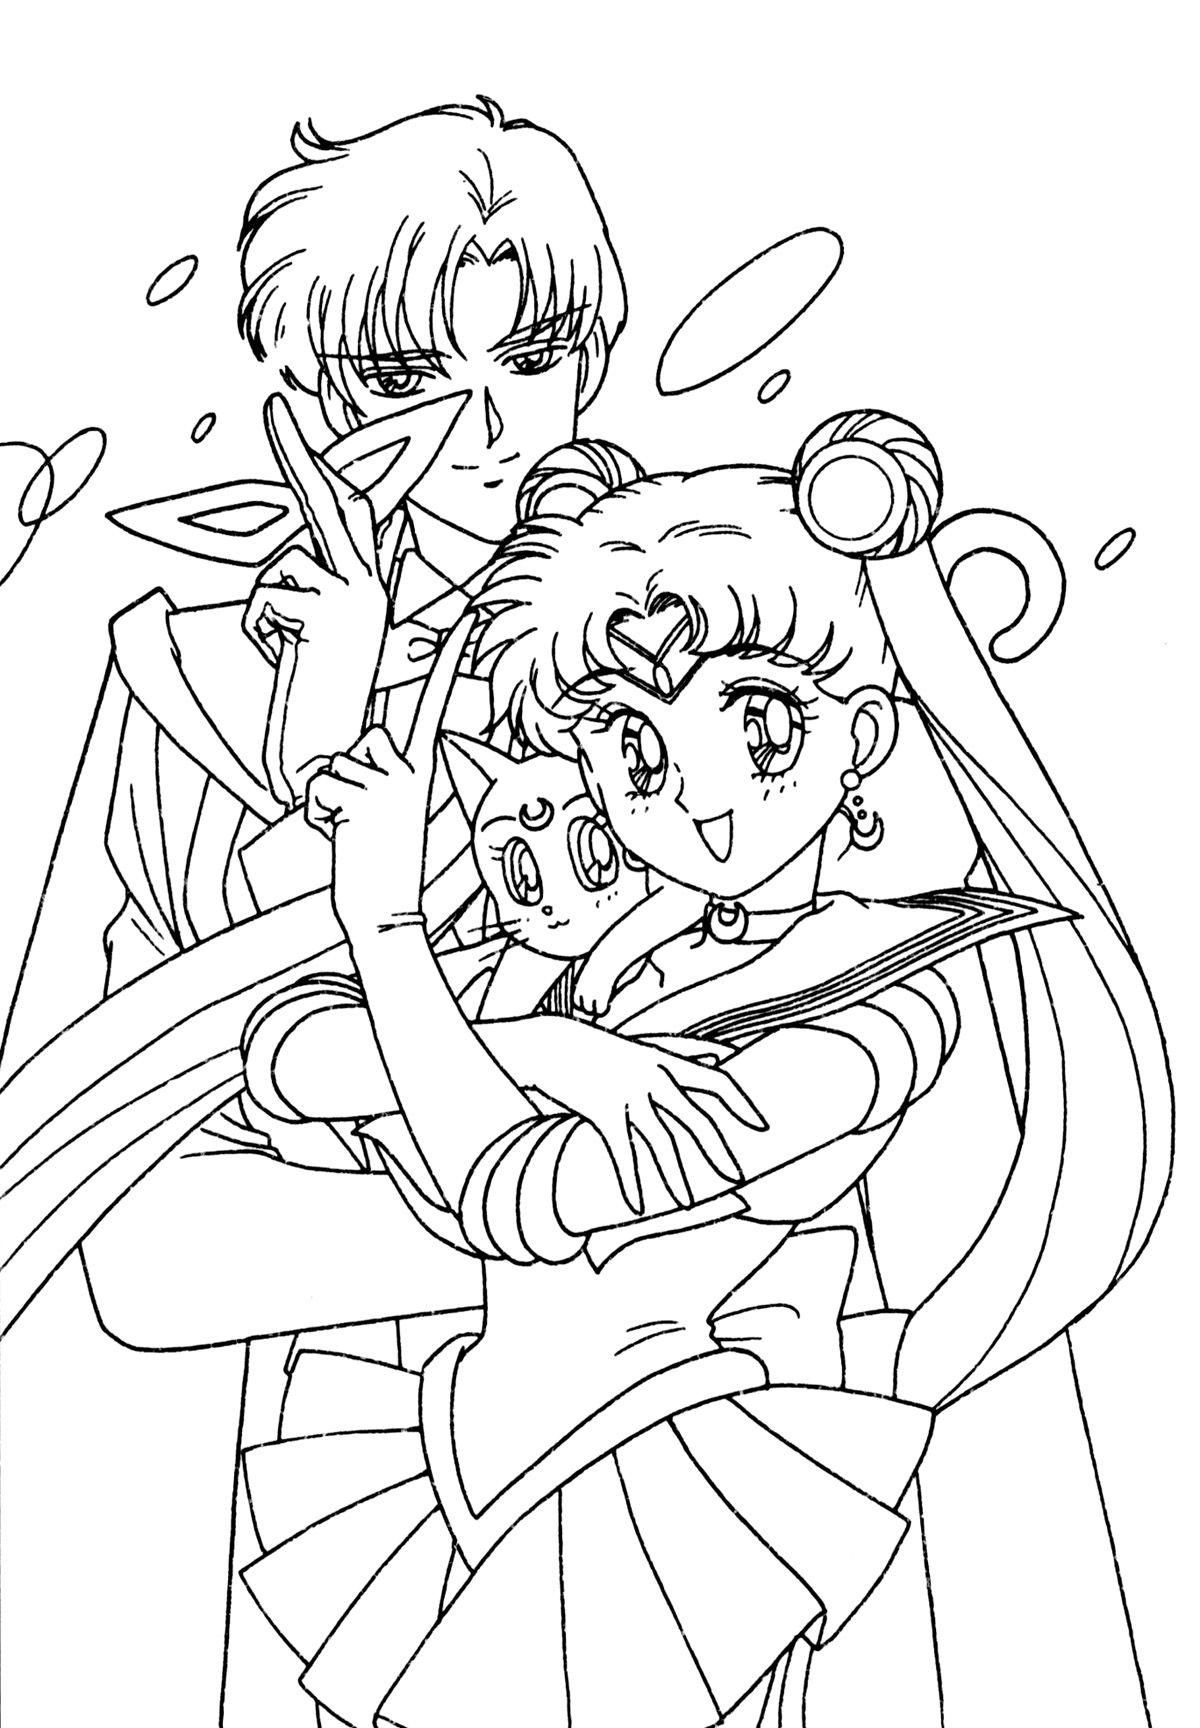 sailor moon, l\'homme masqué et luna | Coloriages Sailor Moon | Pinterest